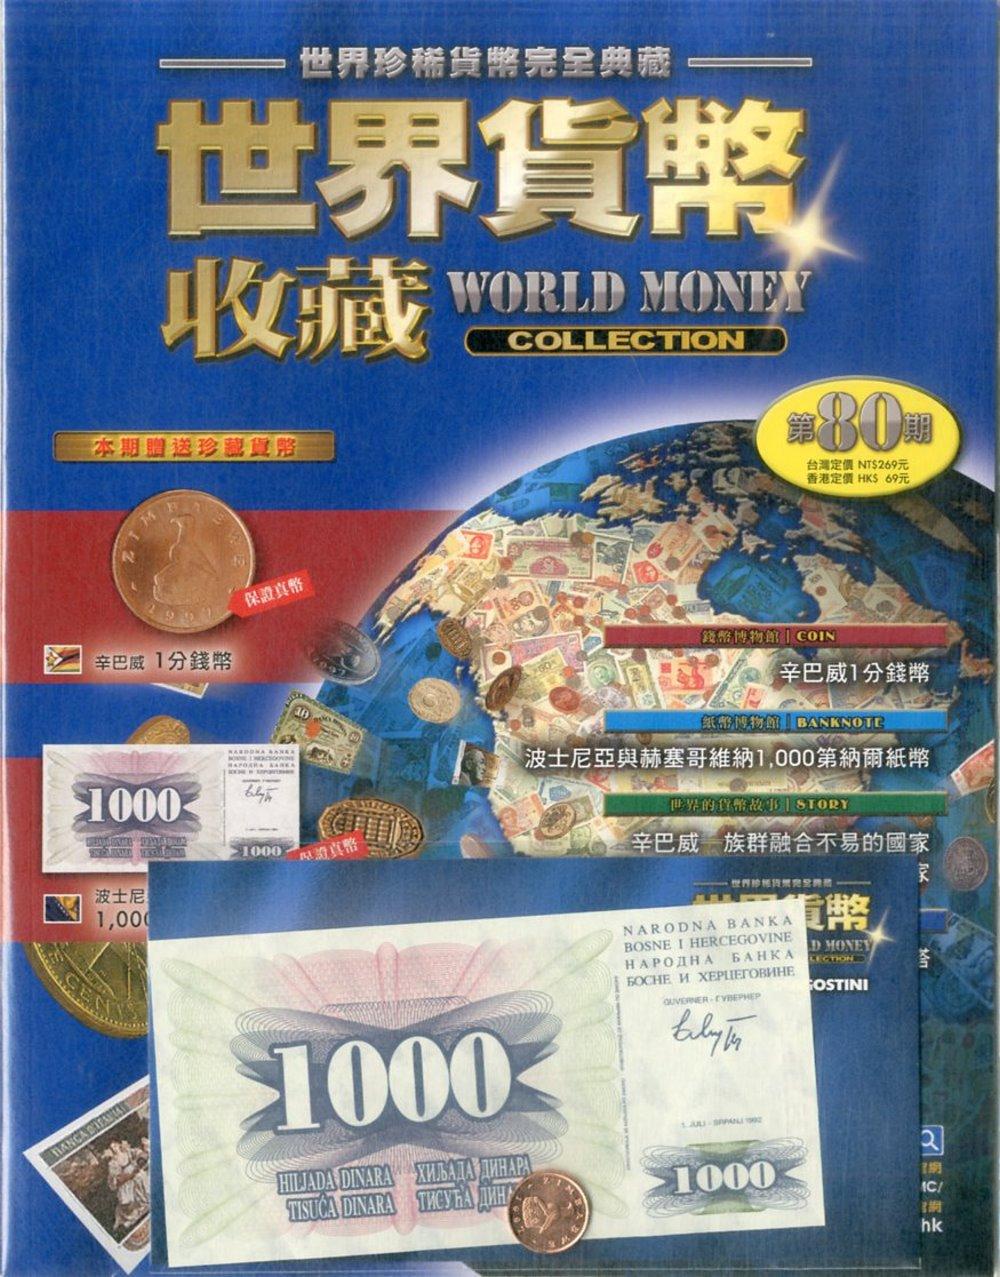 世界貨幣收藏 2018/3/13 第80期